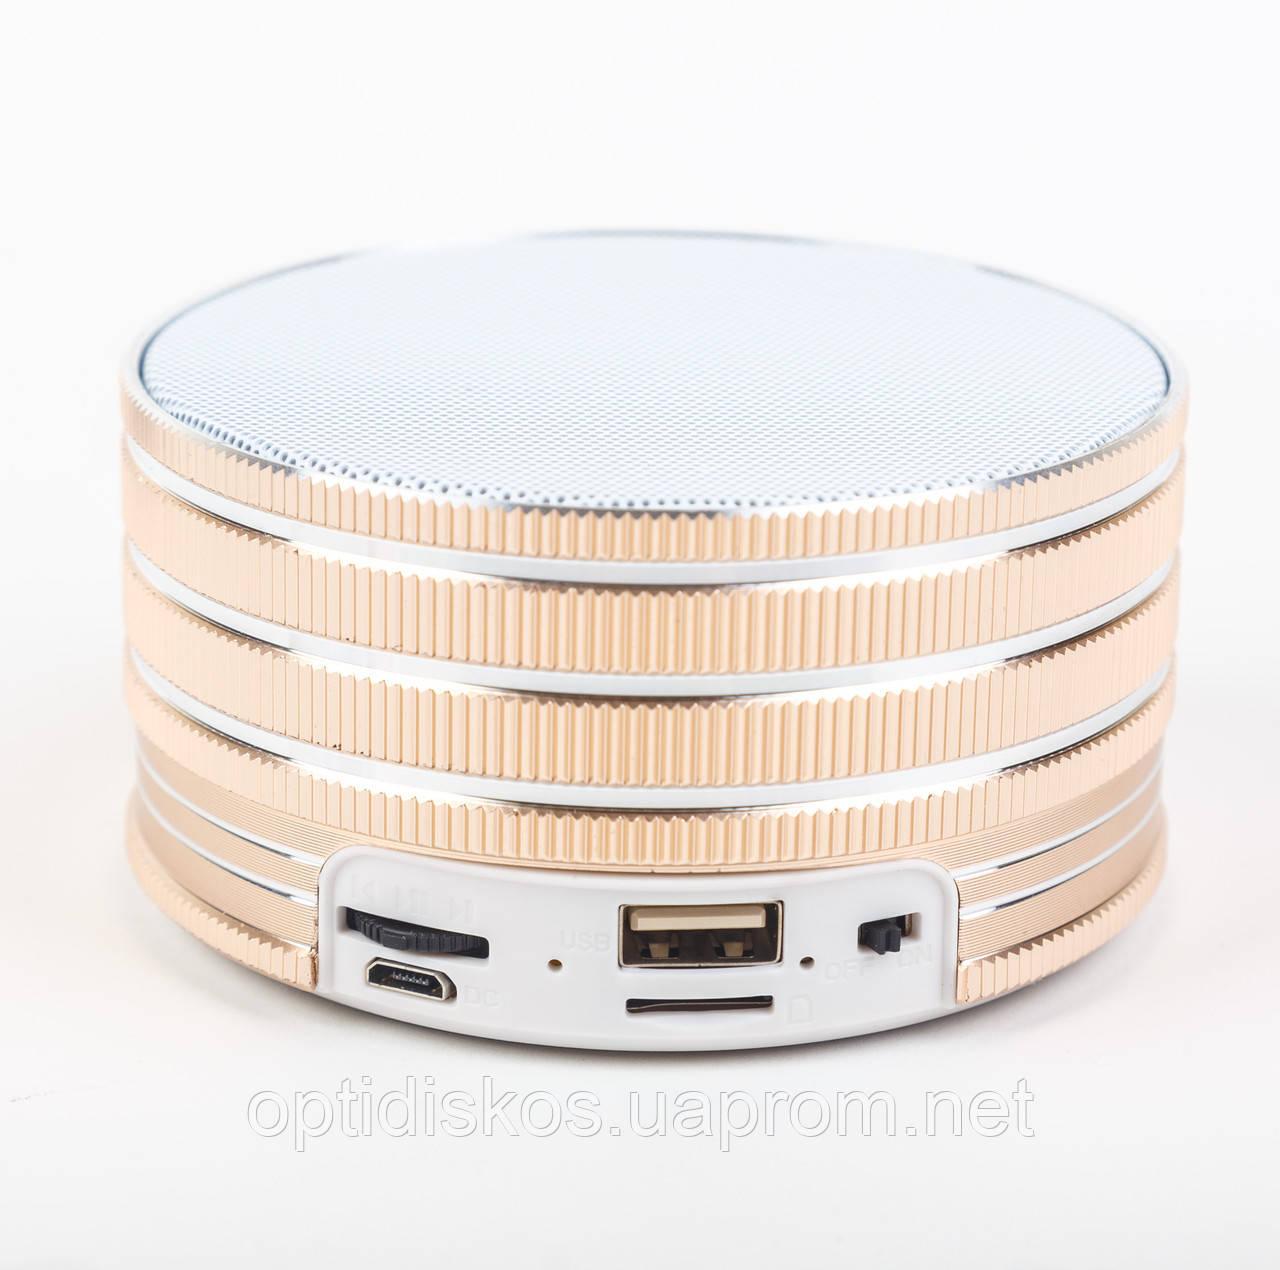 Bluetooth портативная колонка (USB, micro-SD), BO-B16, золотистая